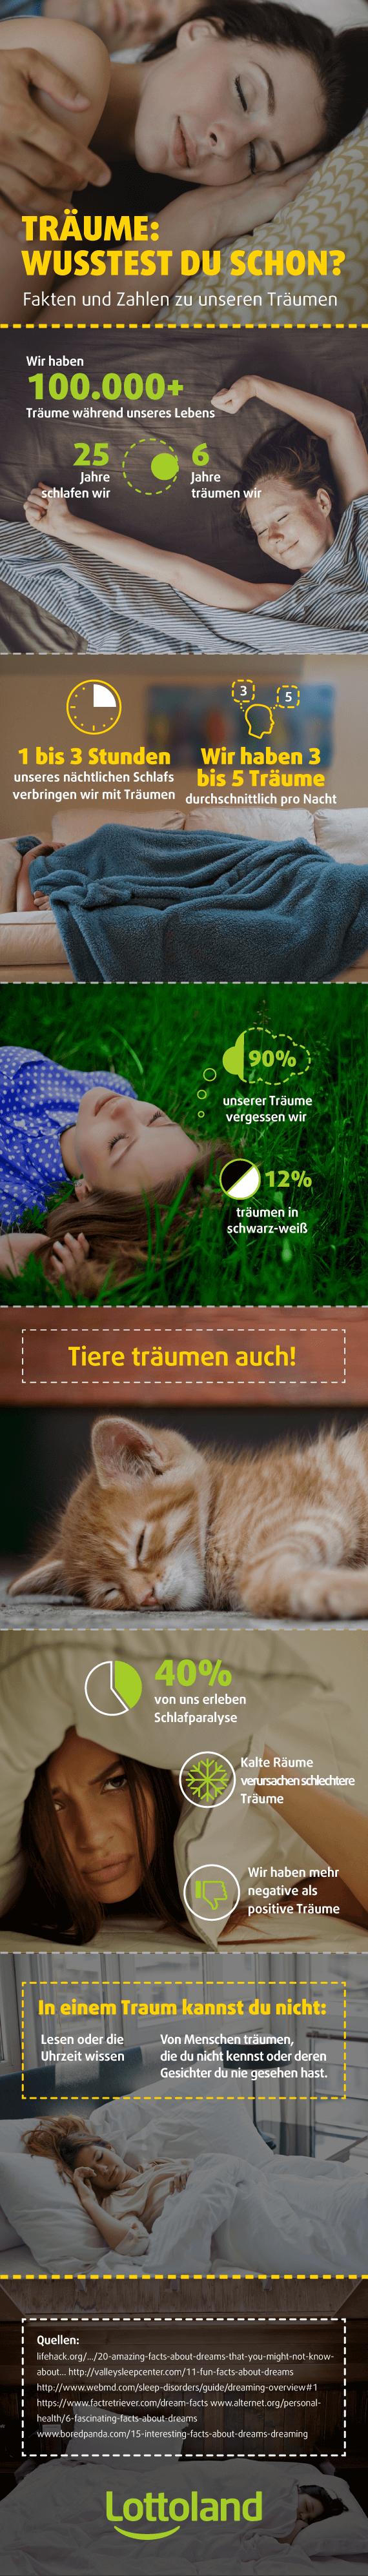 Infografik mit Zahlen und Fakten zu unseren Träumen